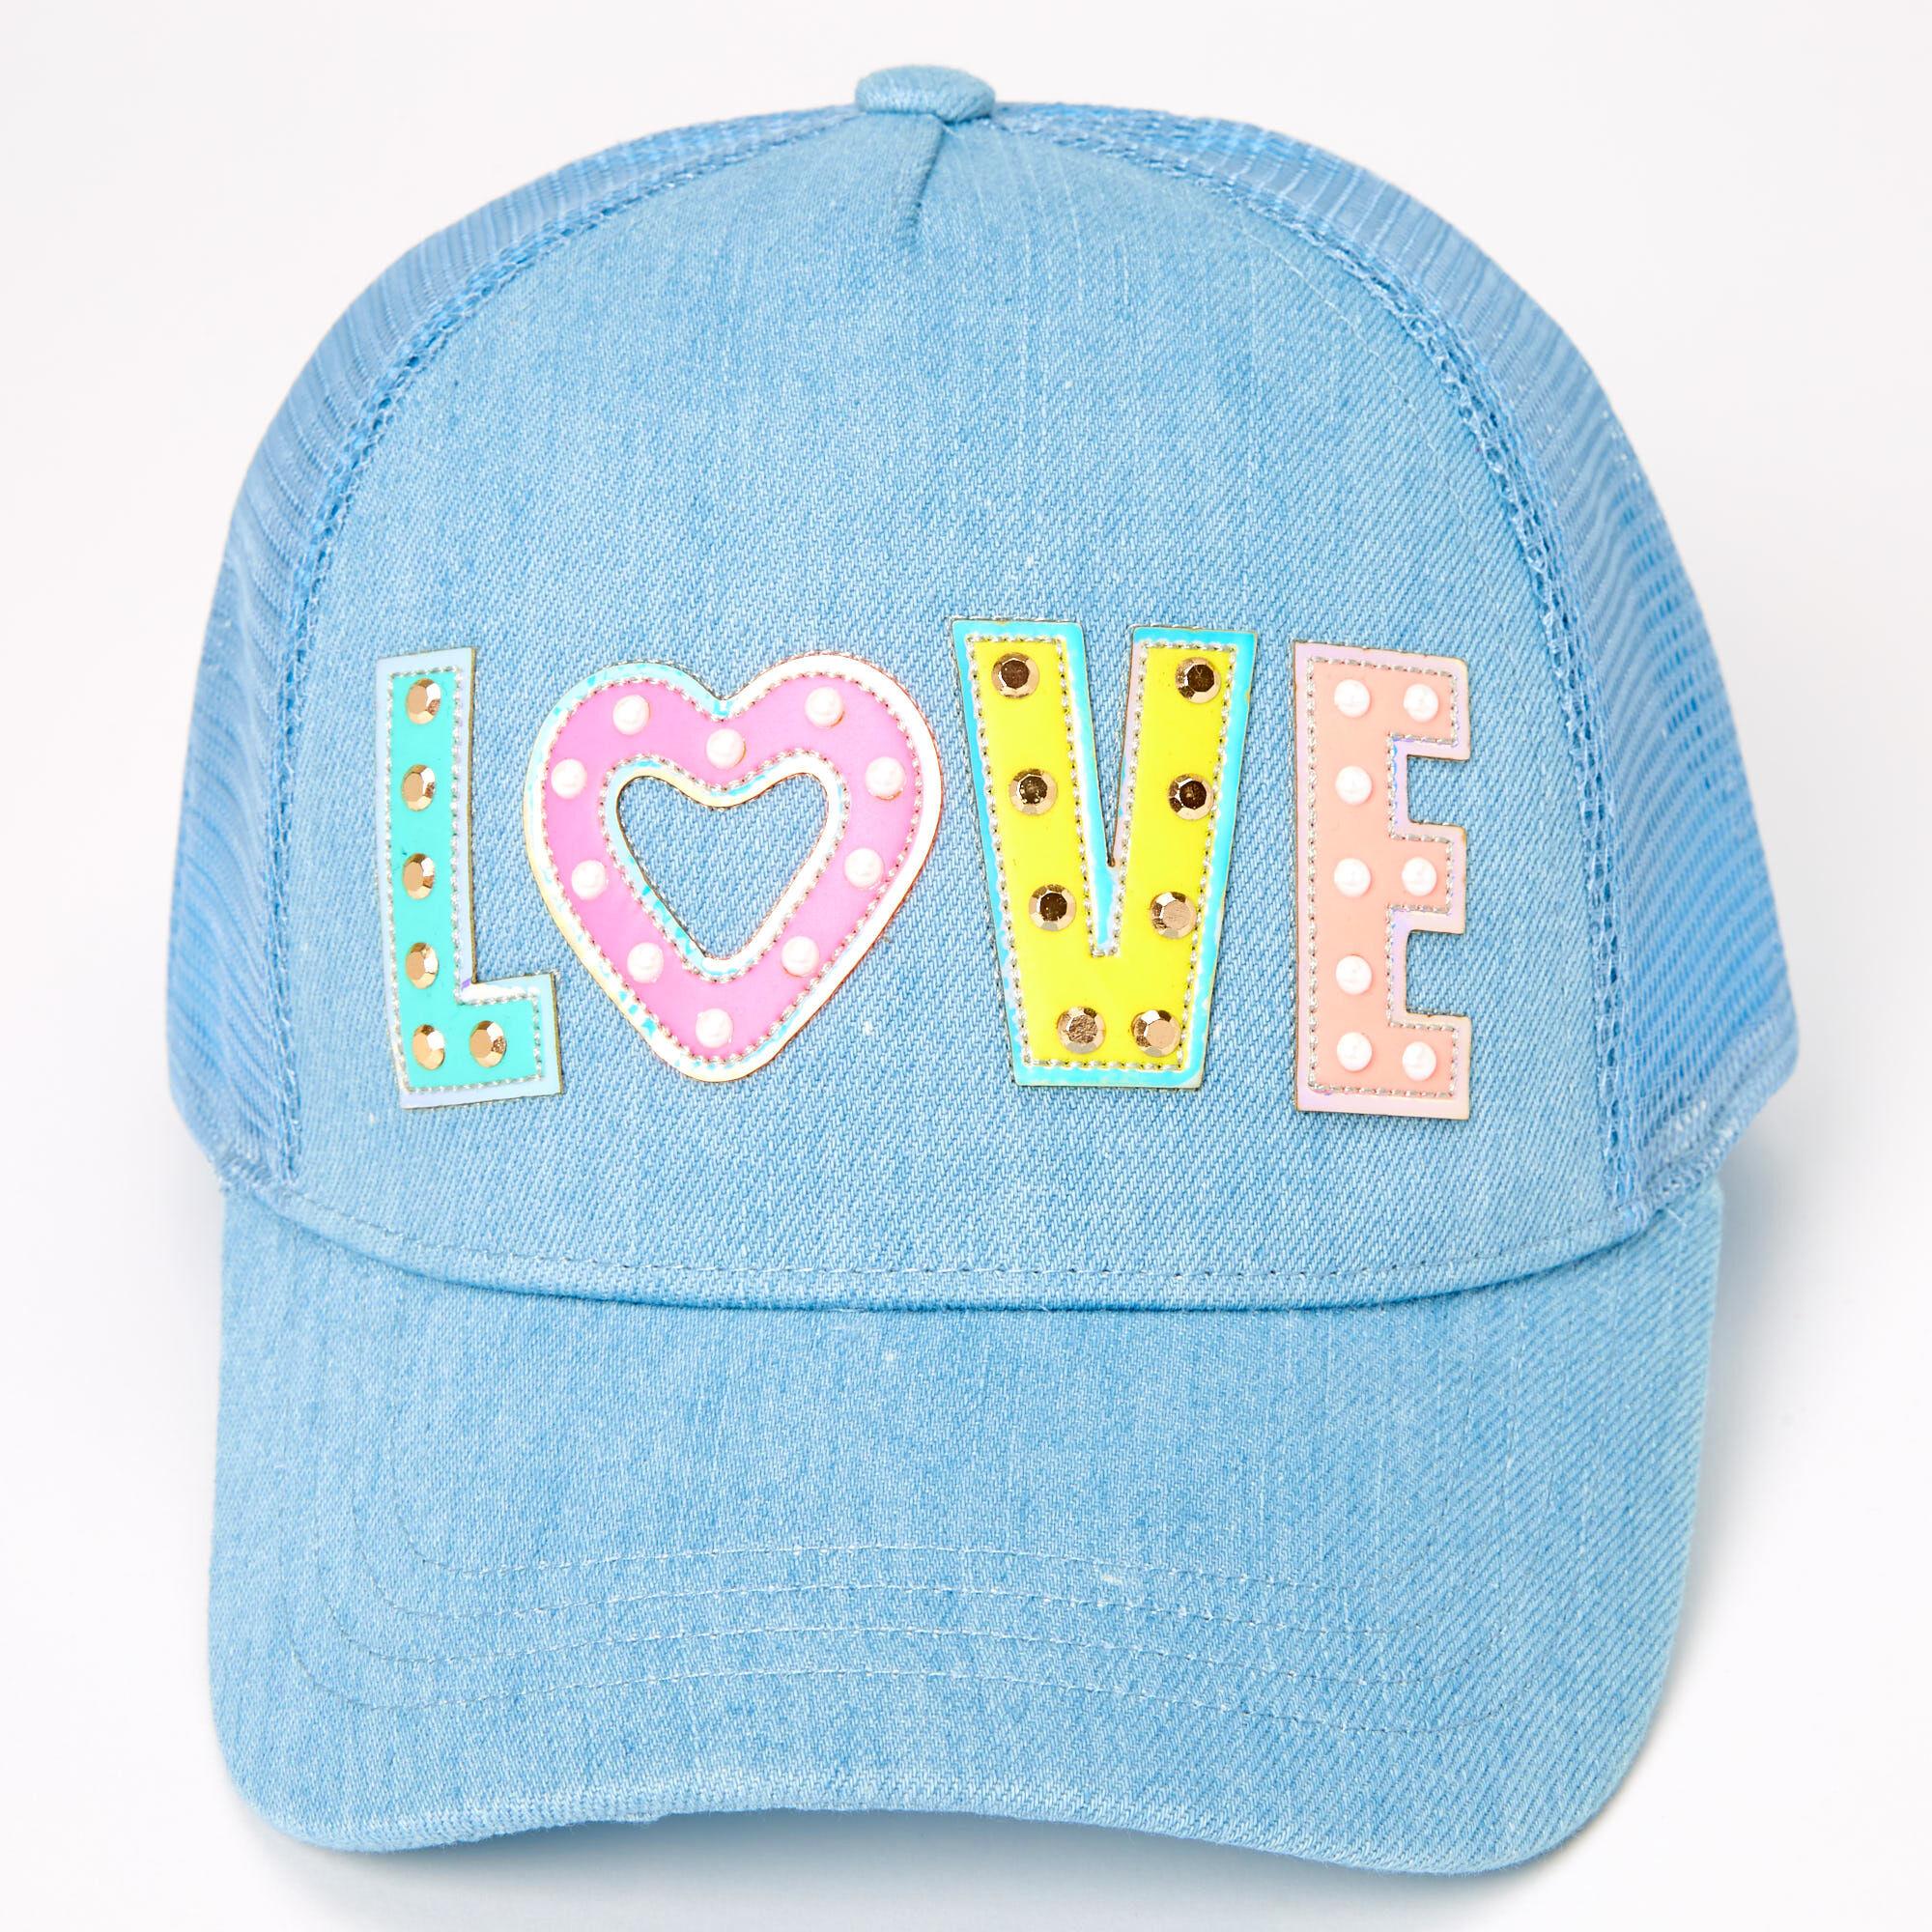 Love Studded Denim Trucker Hat Blue